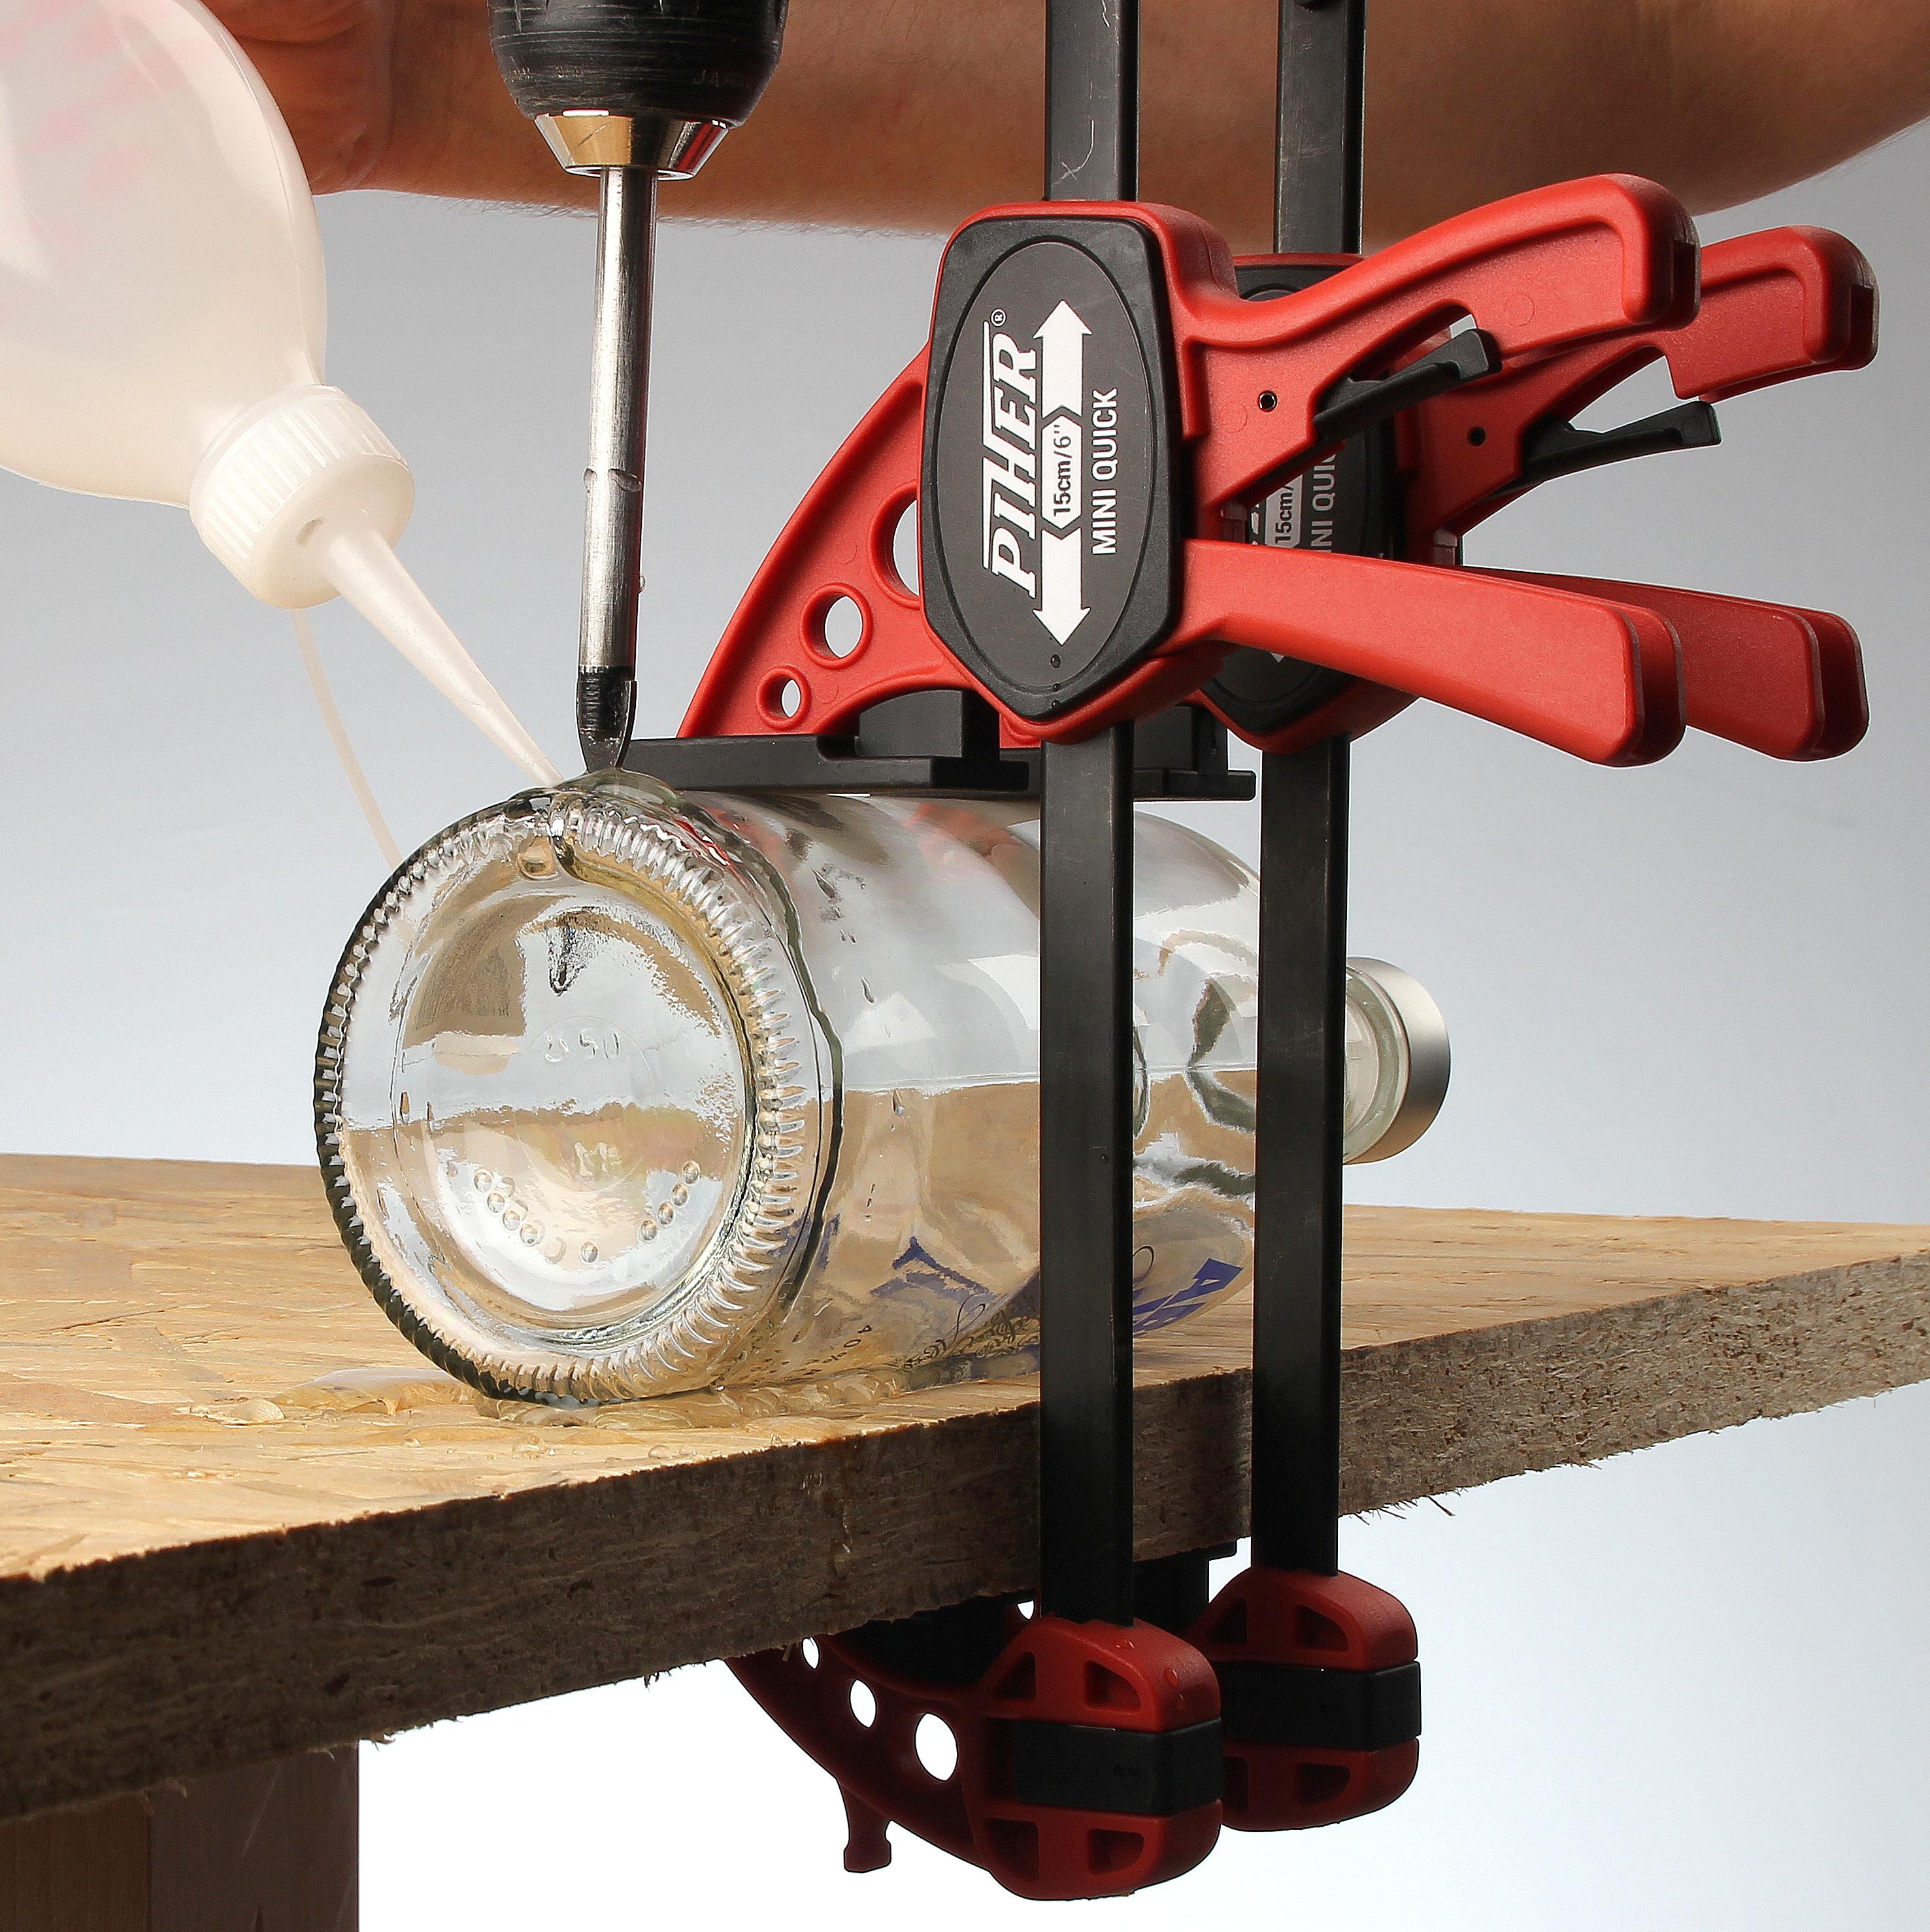 flaschenlampe textilkabel selber bauen loch bohren 2 diy. Black Bedroom Furniture Sets. Home Design Ideas